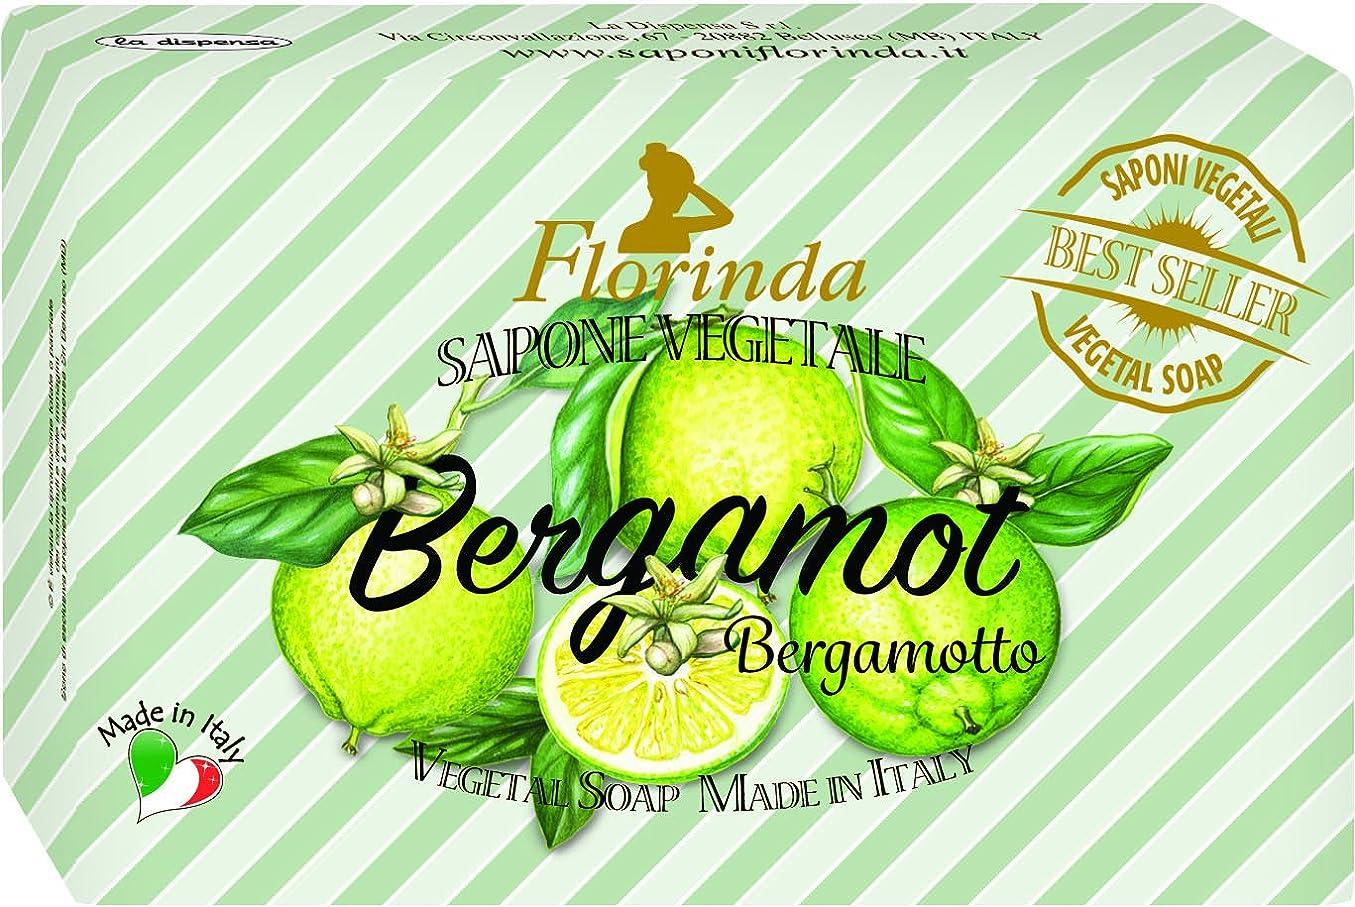 縁採用フルーツ野菜フレグランスソープ ベストセラーシリーズ ベルガモット